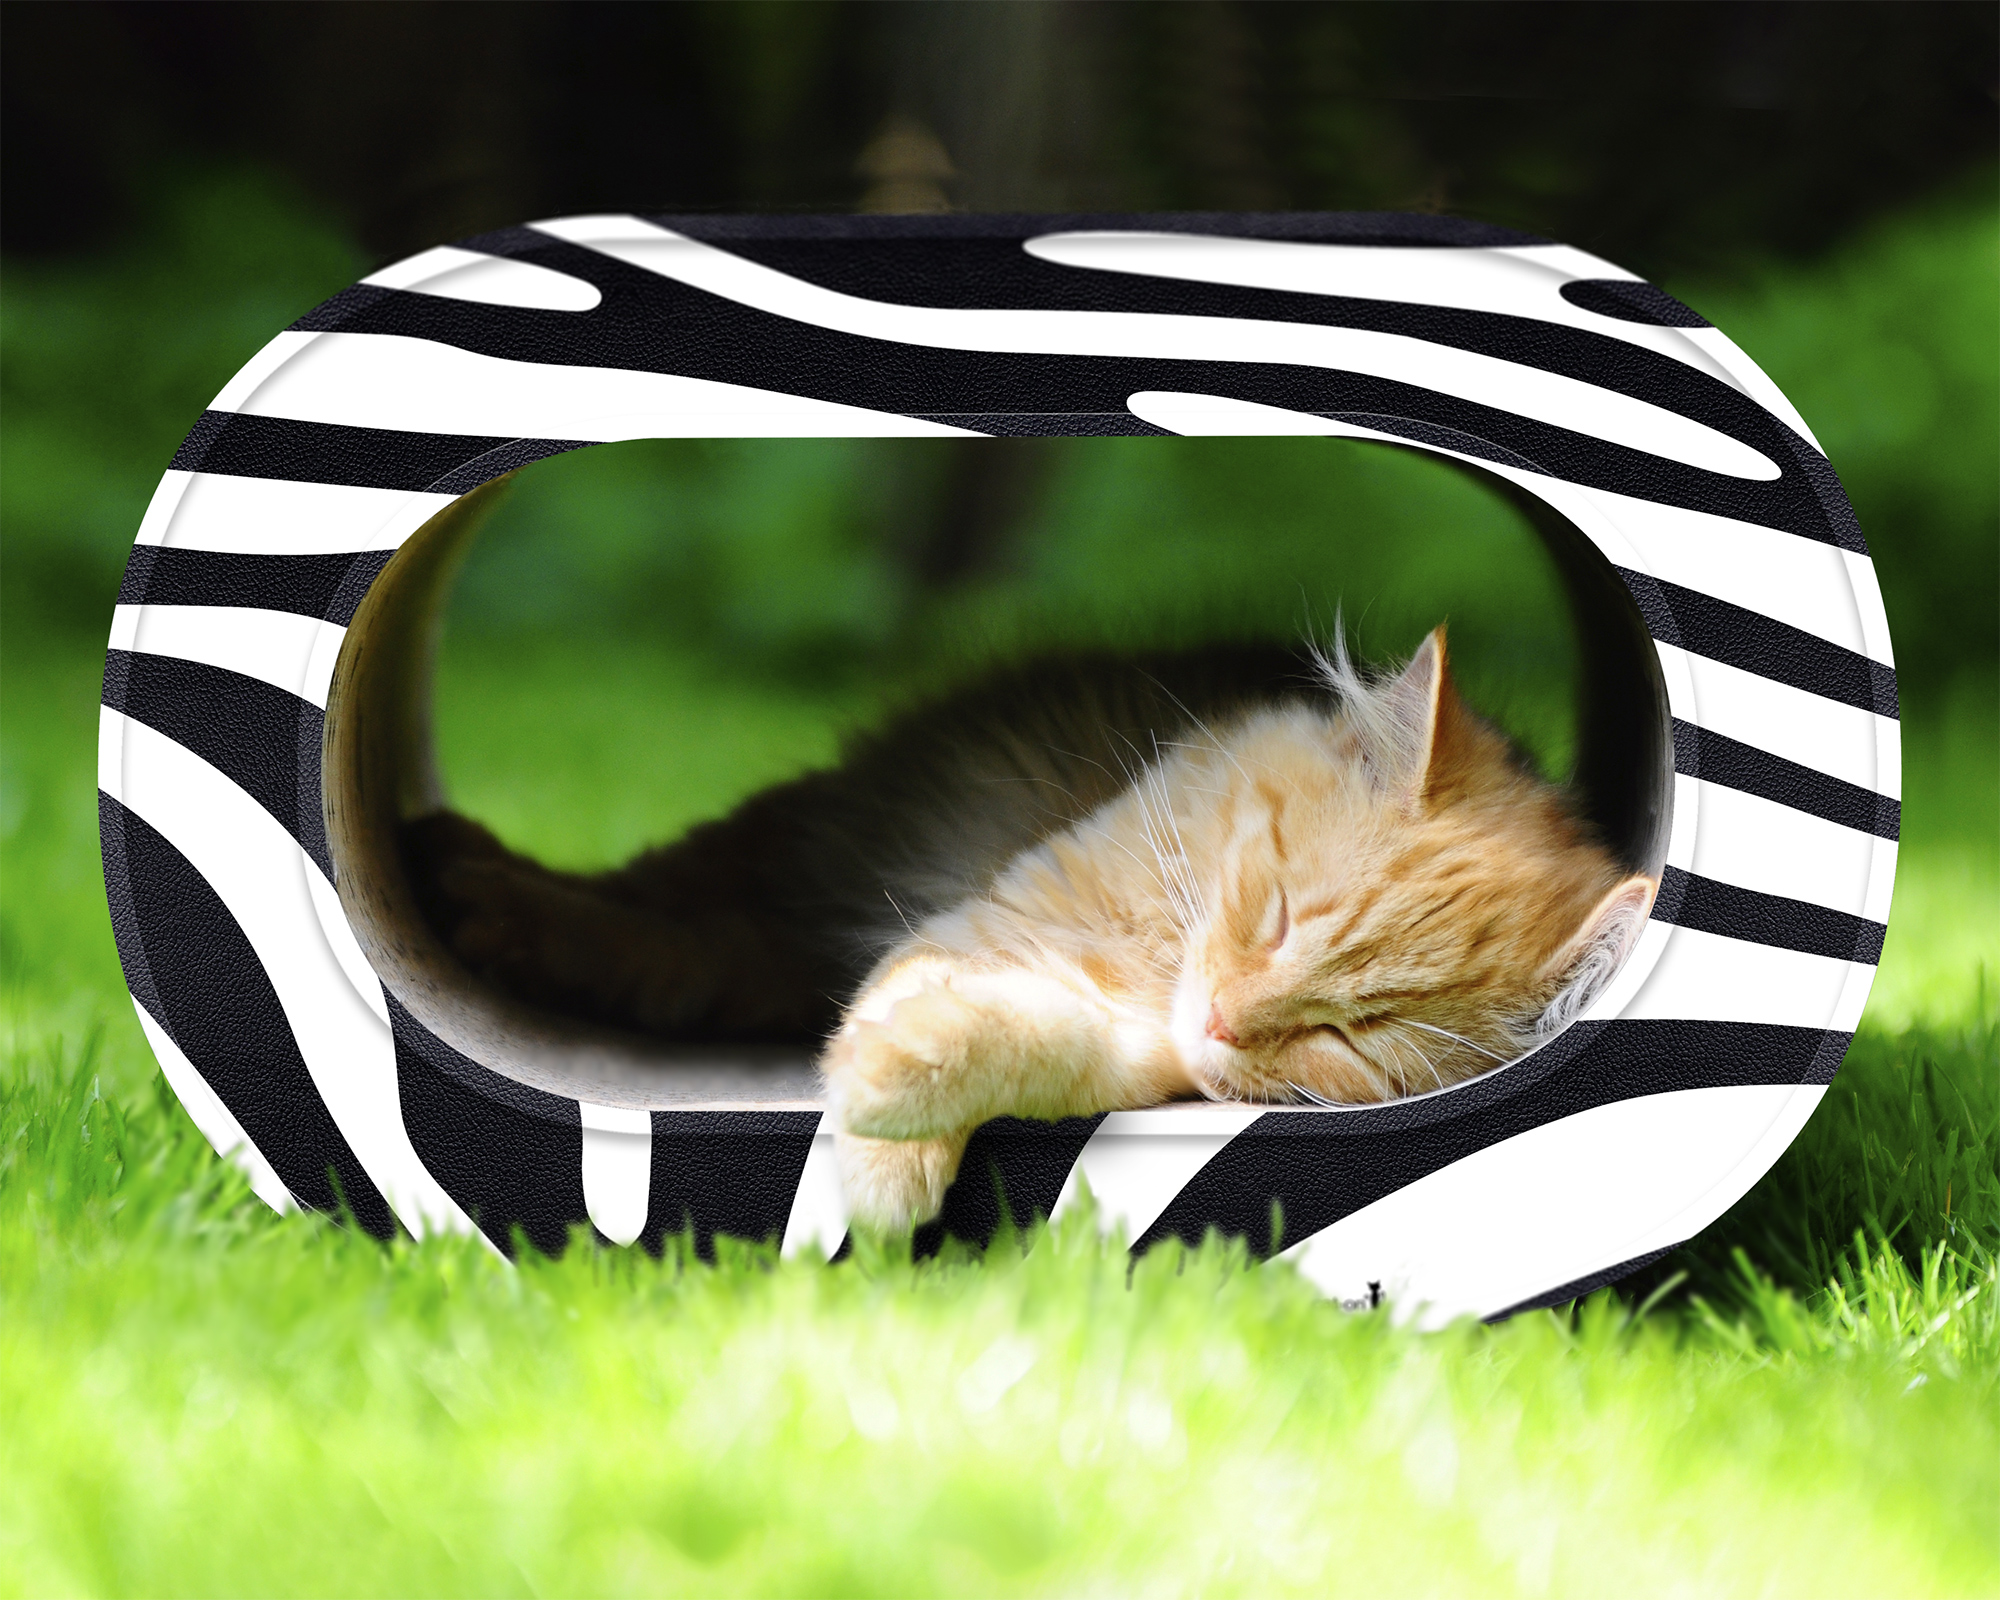 Le Tronc design cat scratcher